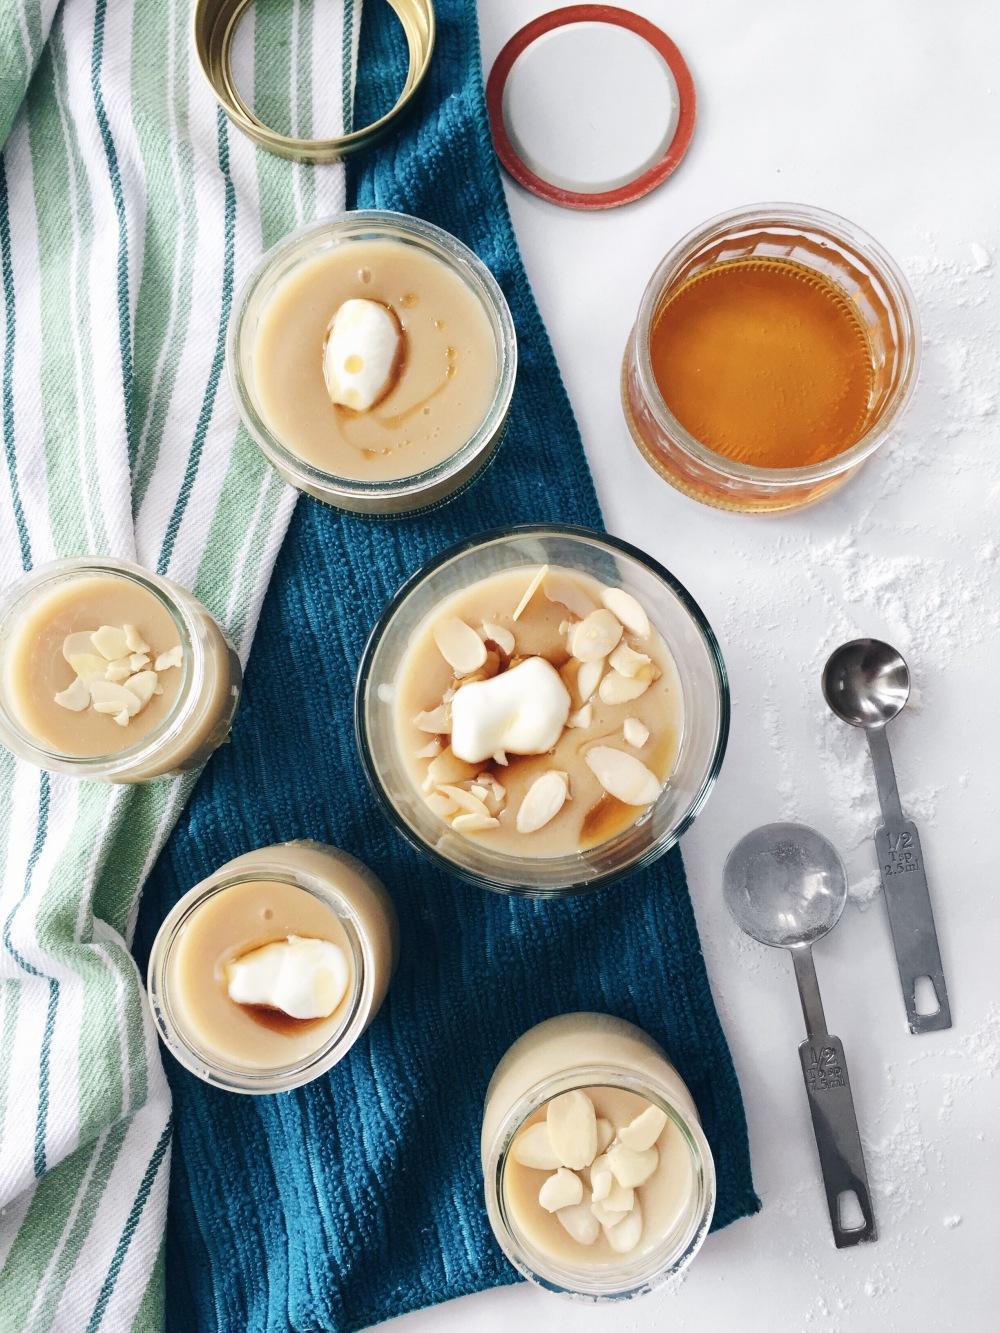 Pouding express et santé au beurre d'arachide, au sirop d'érable et à la vanille